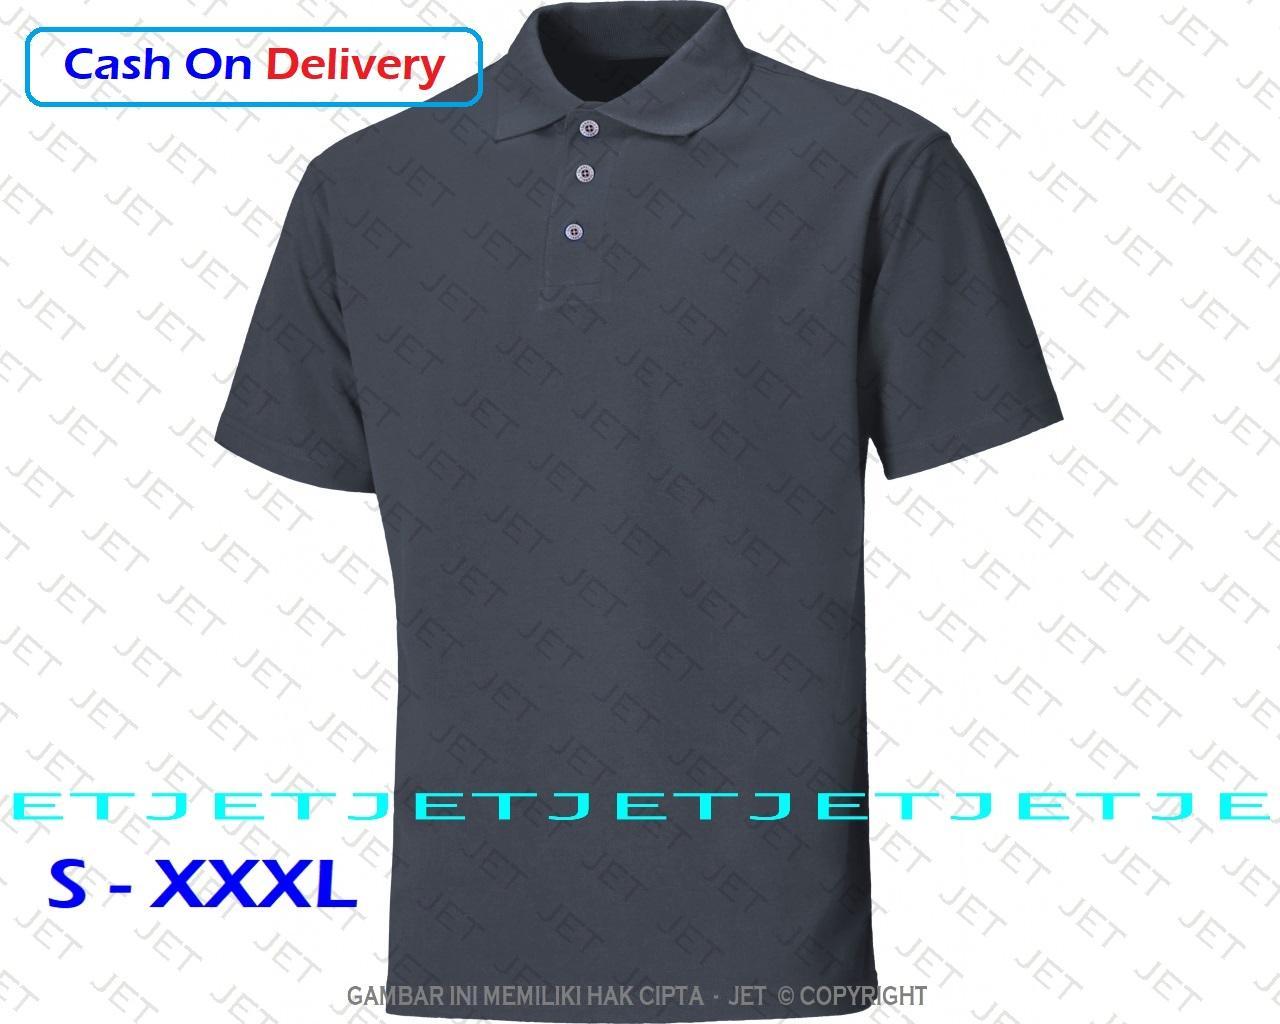 JeT – Polo Shirt – Size Lengkap - 22 Warna – Pria Wanita - Fashion Berkerah 3c9879aaf3